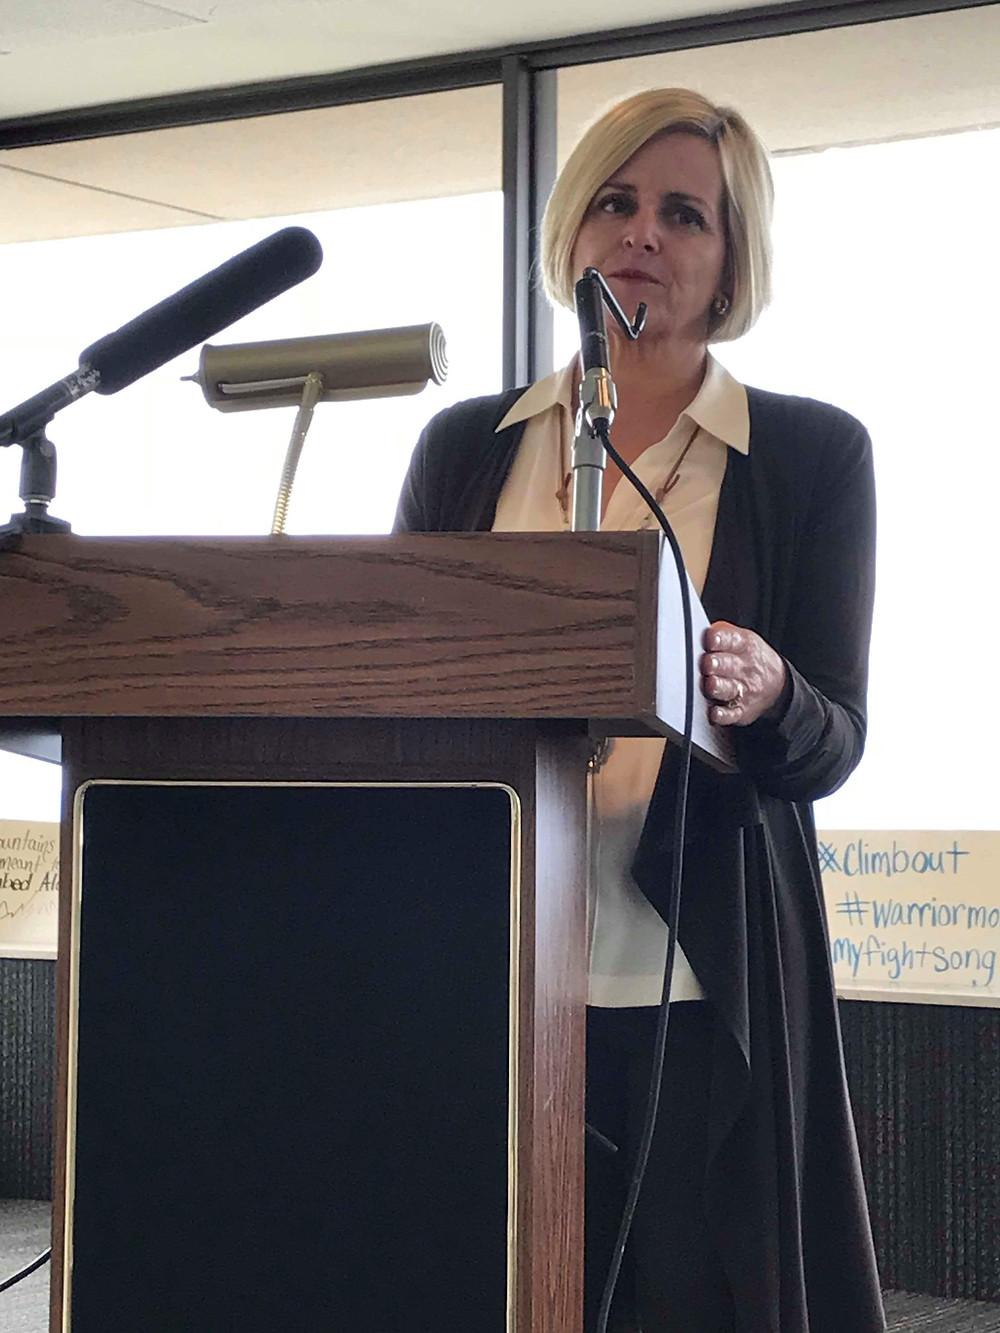 Representative Loranne Ausley